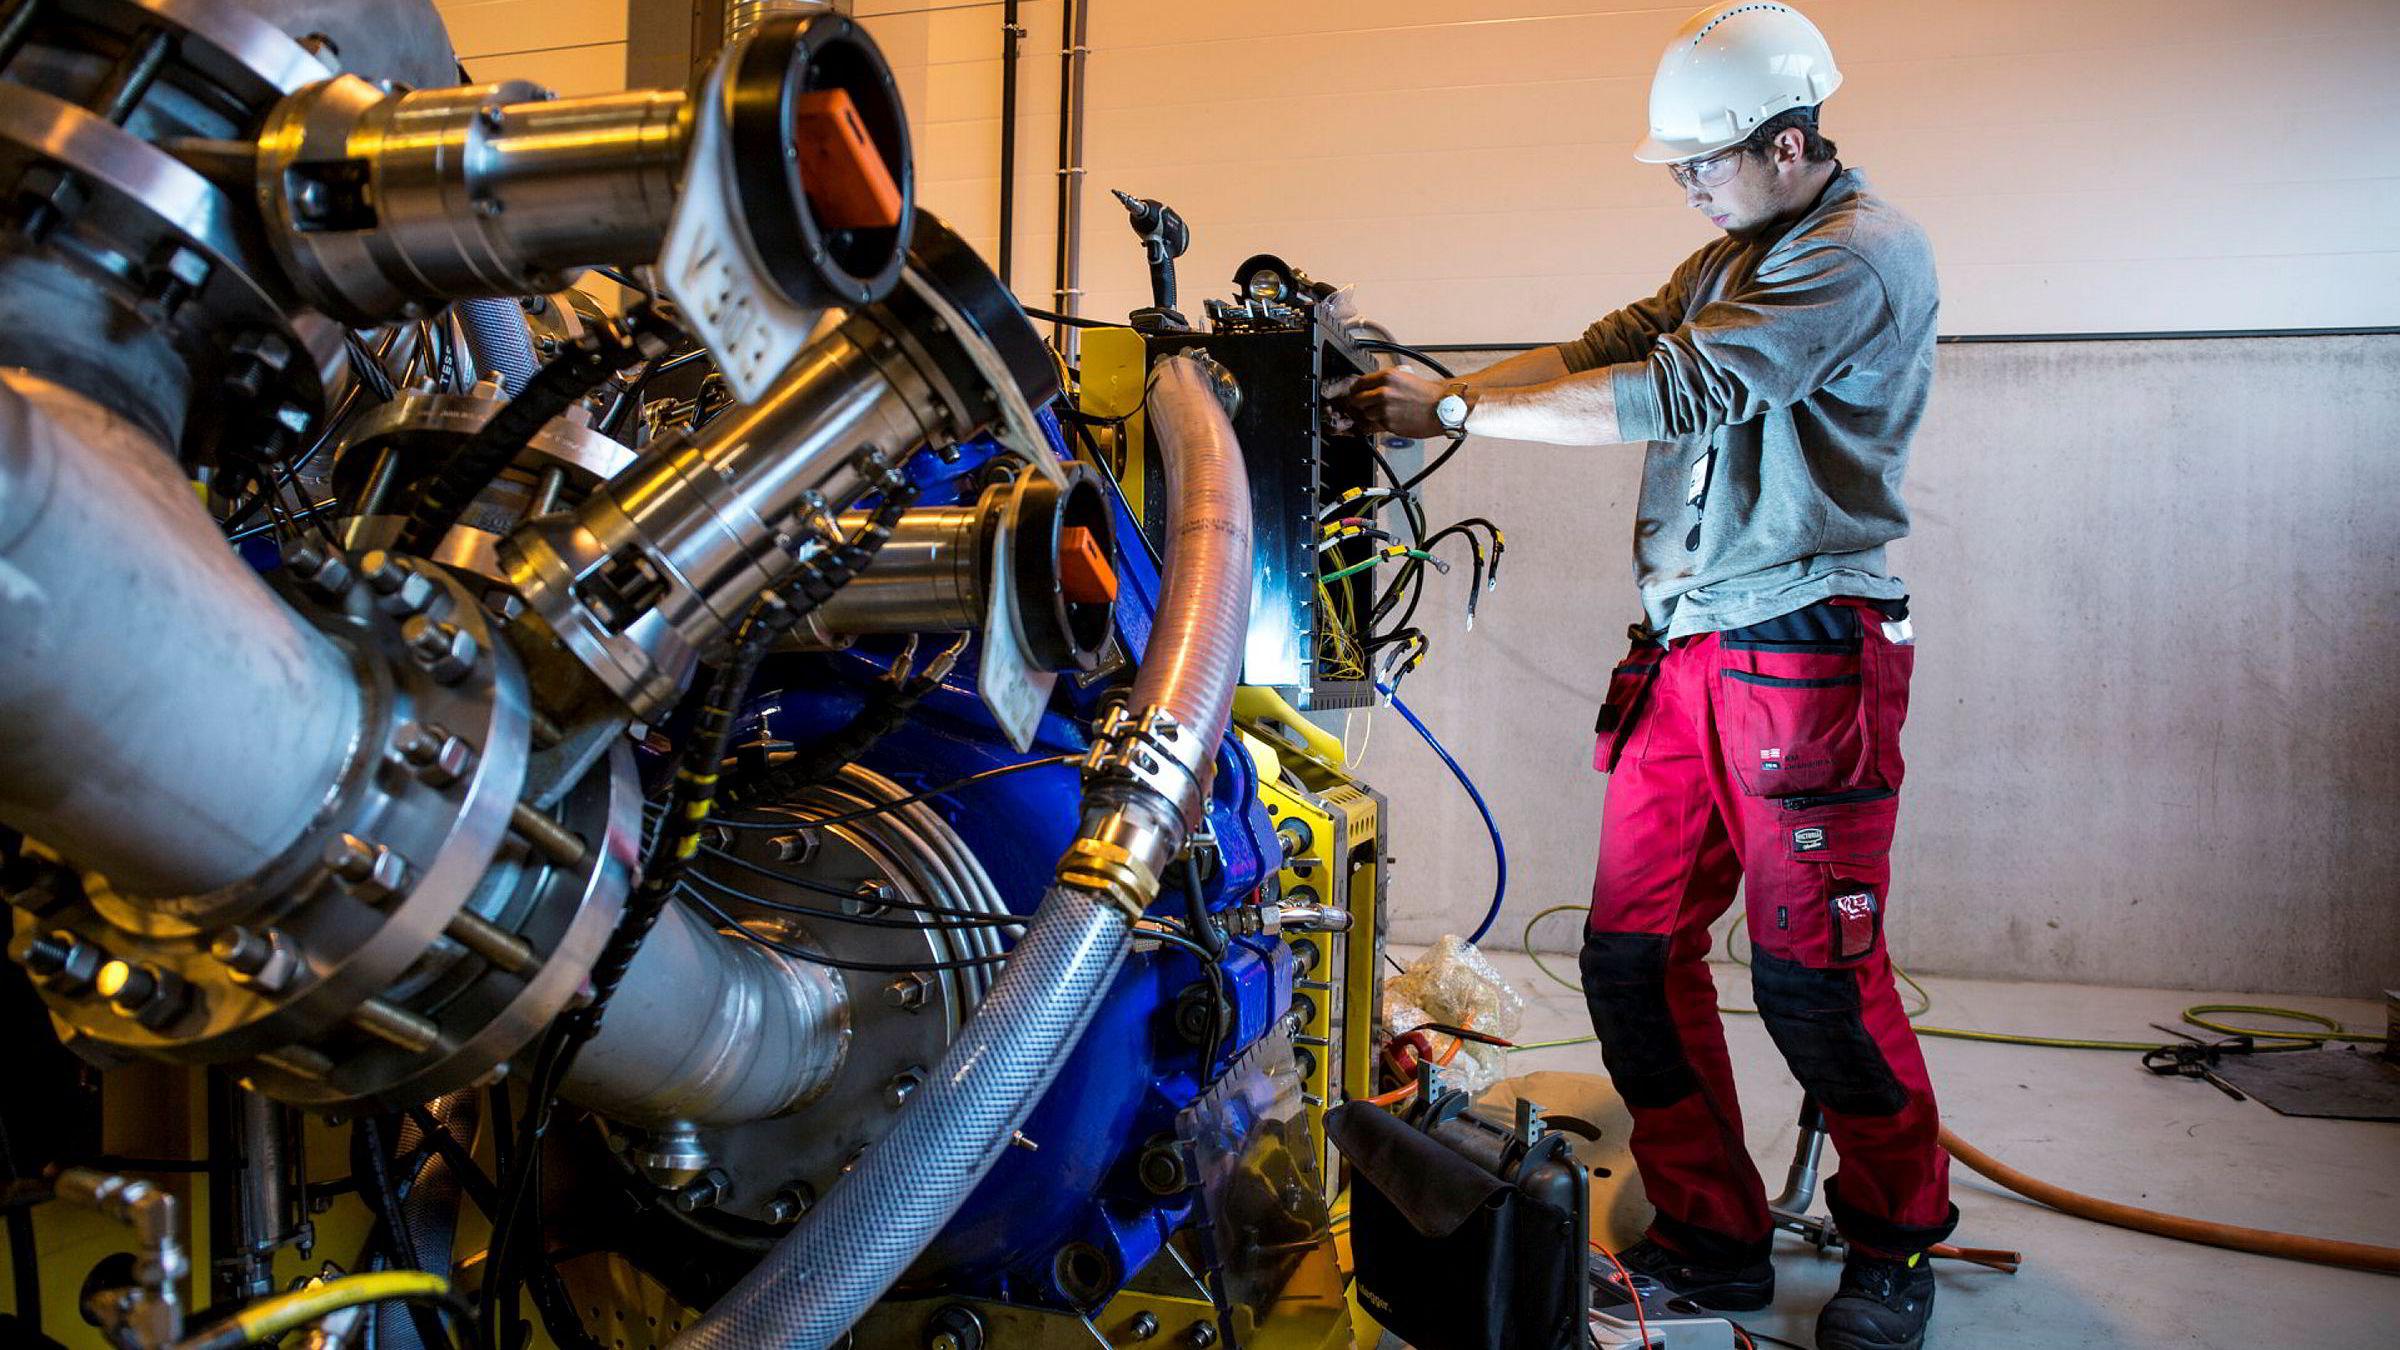 Kompetansemiljøene i oljesektoren utvikler ny teknologi – som igjen skaper nye jobber i andre næringer. Det kan være innen havbruk eller teknologi for boring etter metaller, skriver statsminister Erna Solberg.